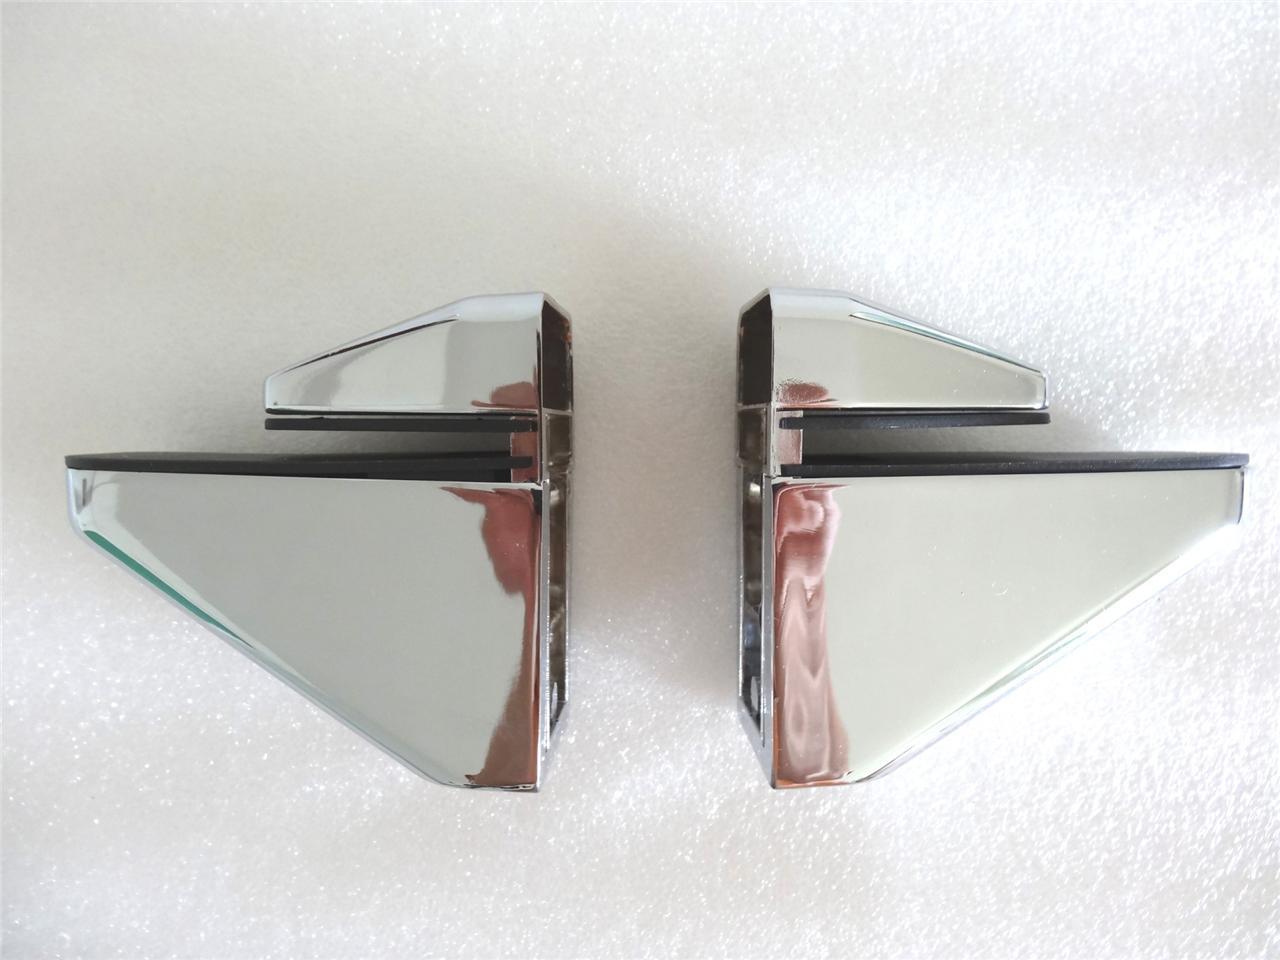 pair of big metal adjustable shelf holder bracket for glass or wood shelves ebay. Black Bedroom Furniture Sets. Home Design Ideas